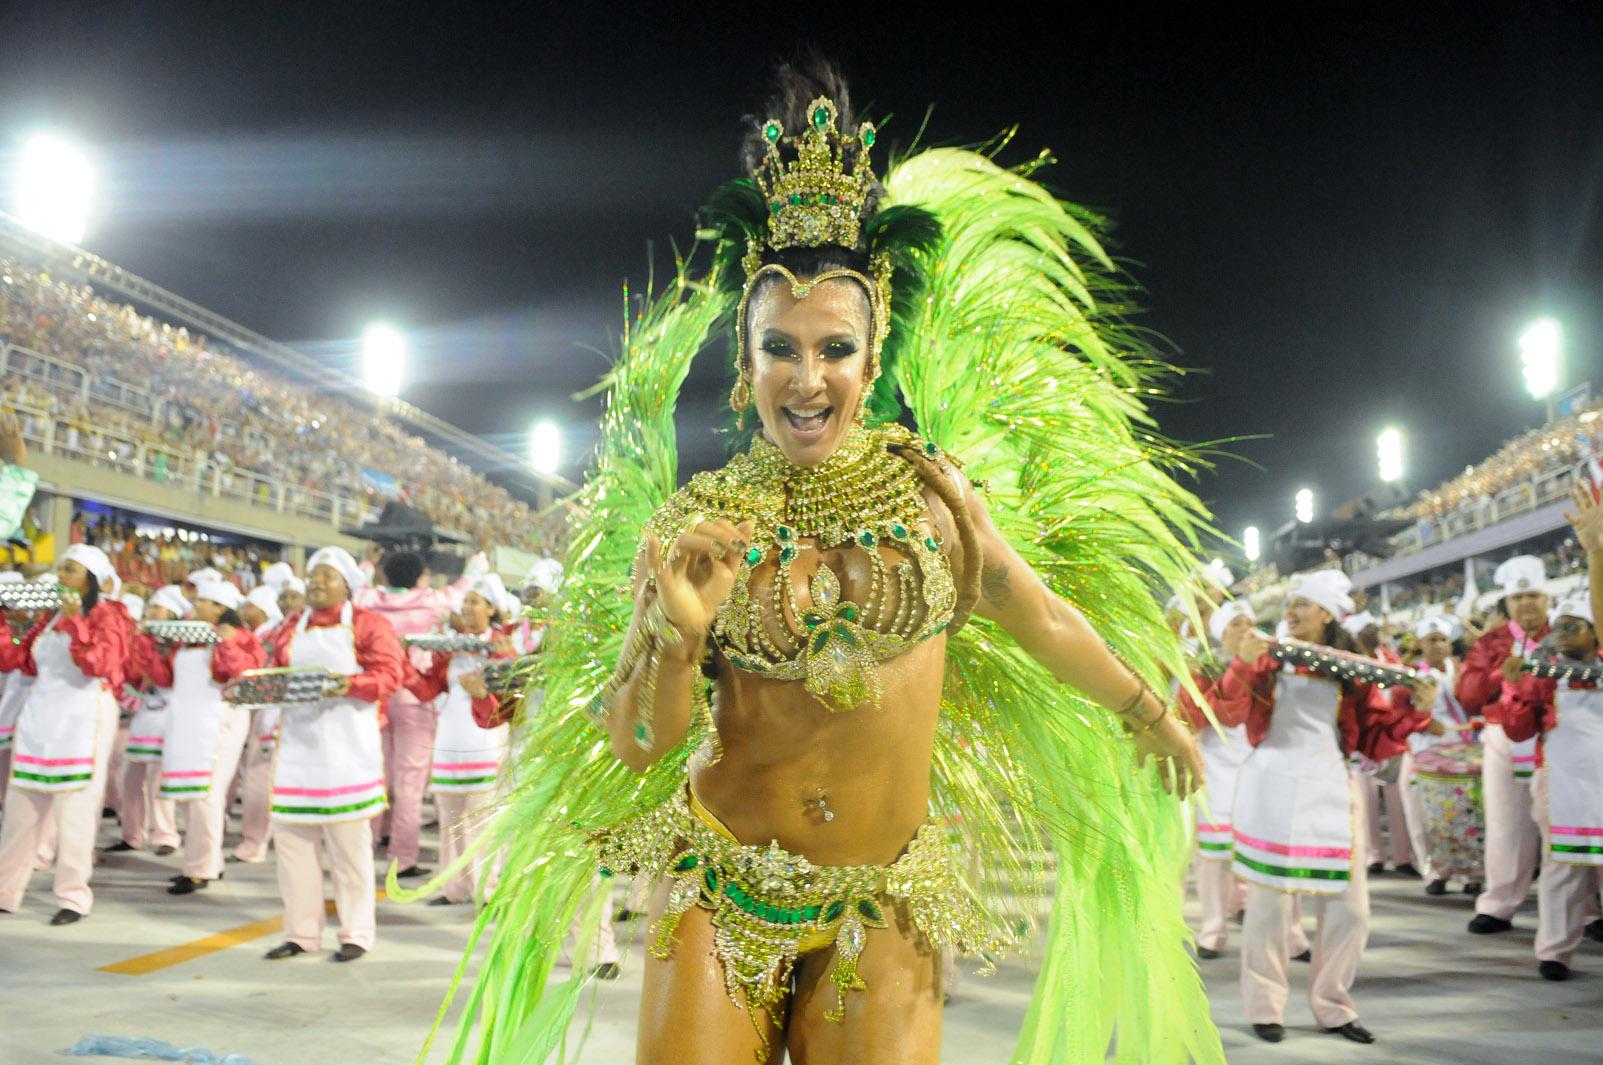 11/2/2013 - Scheila Carvalho, musa da Mangueira